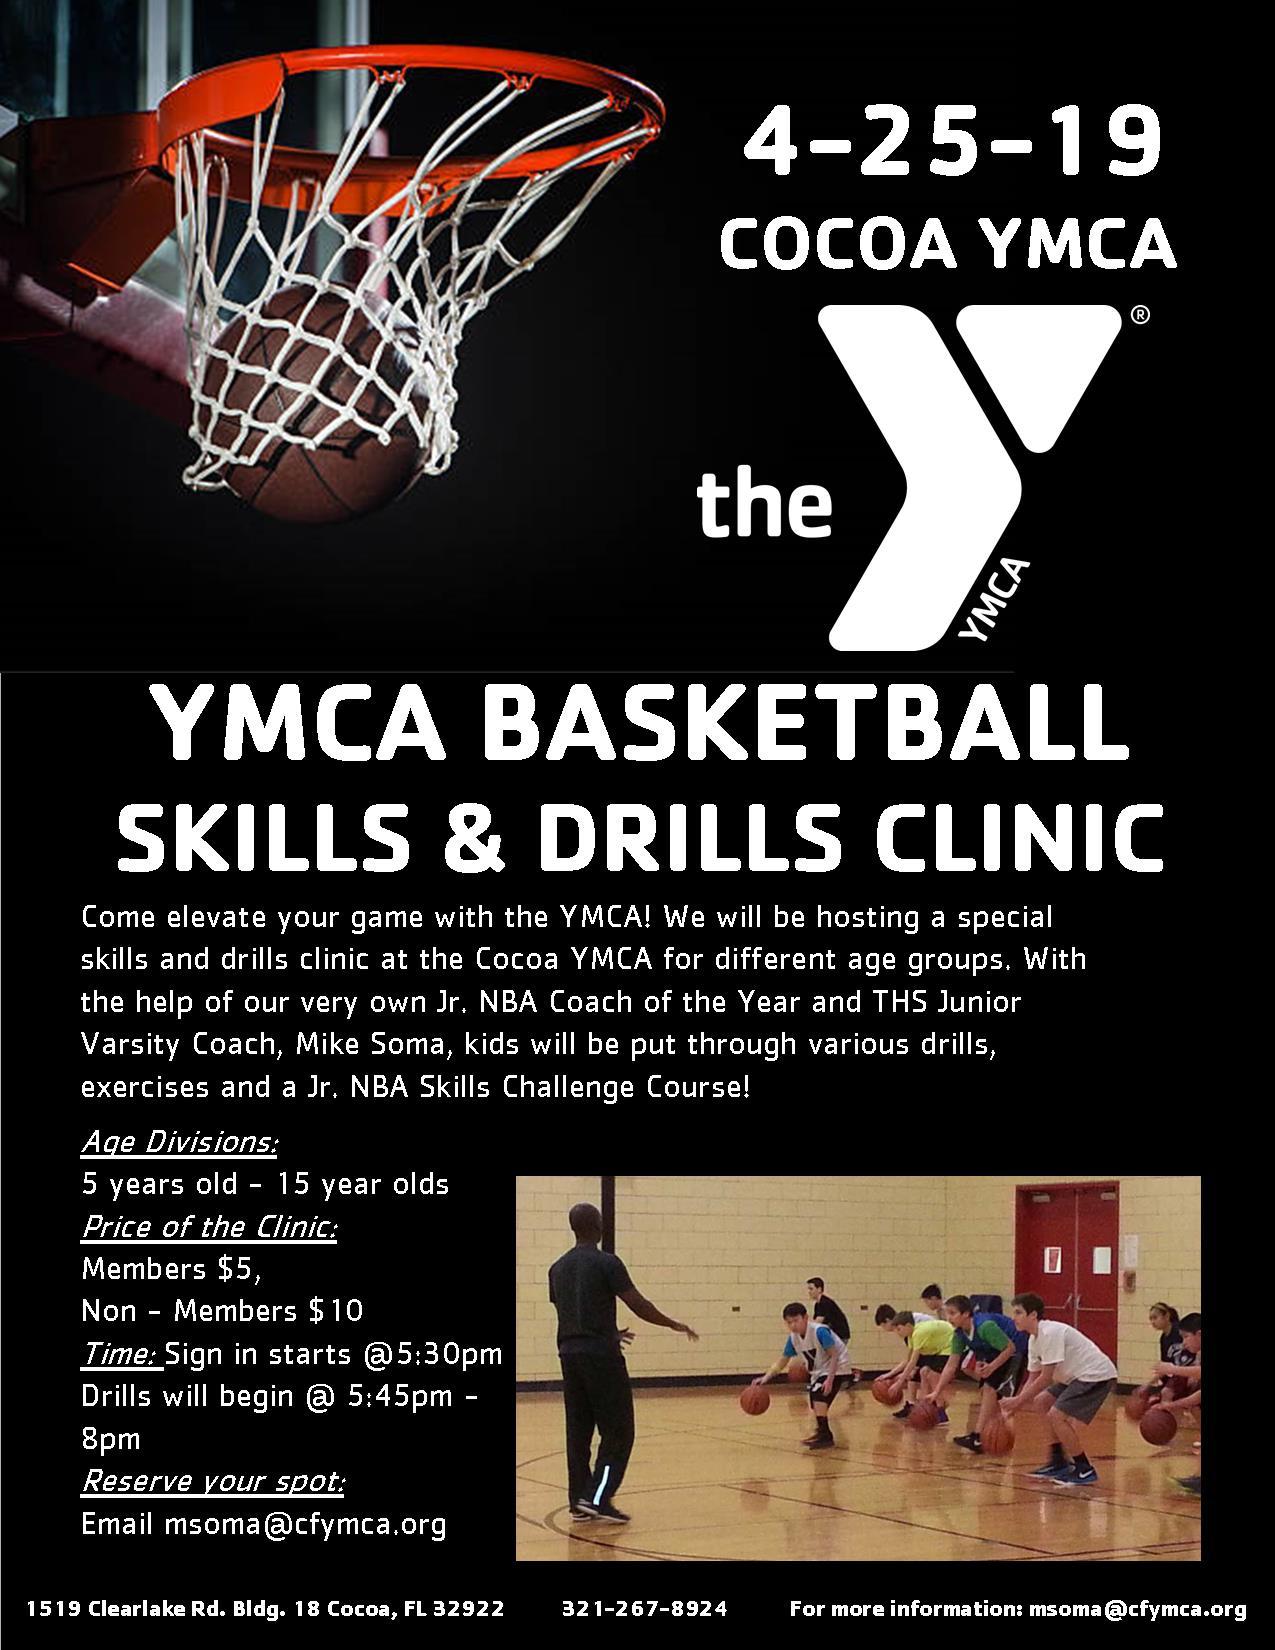 Cocoa YMCA